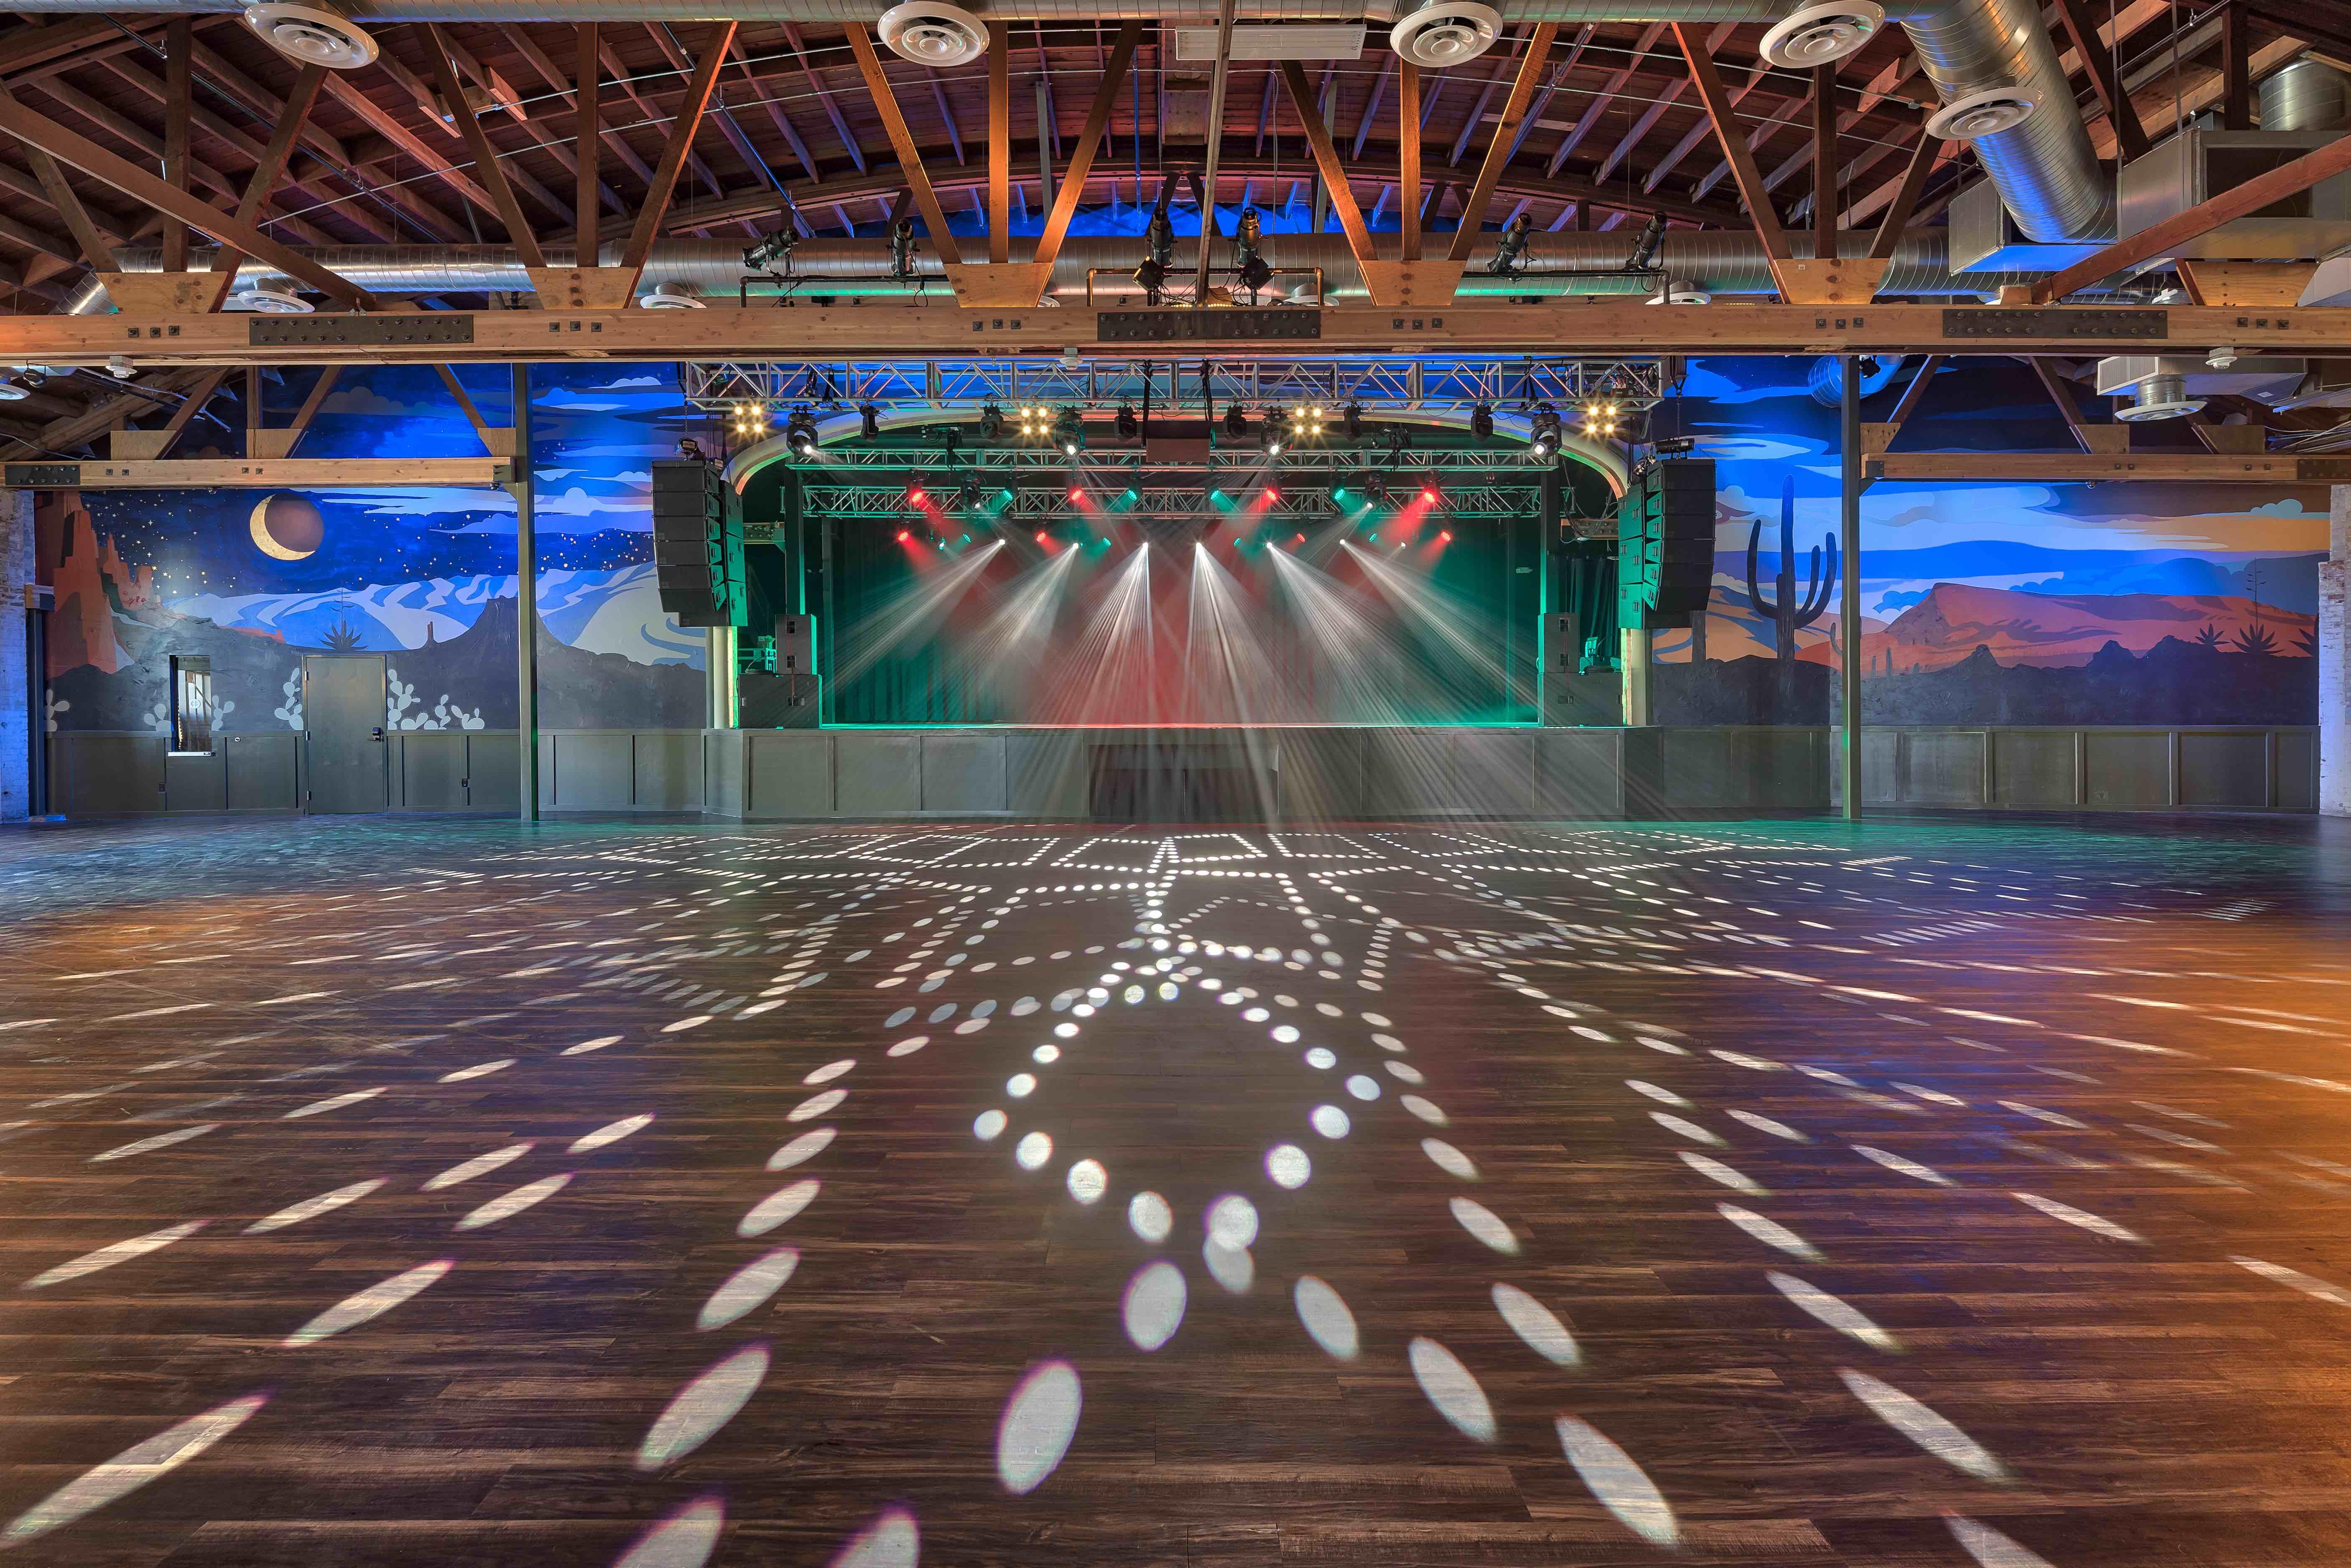 Van Buren dance floor